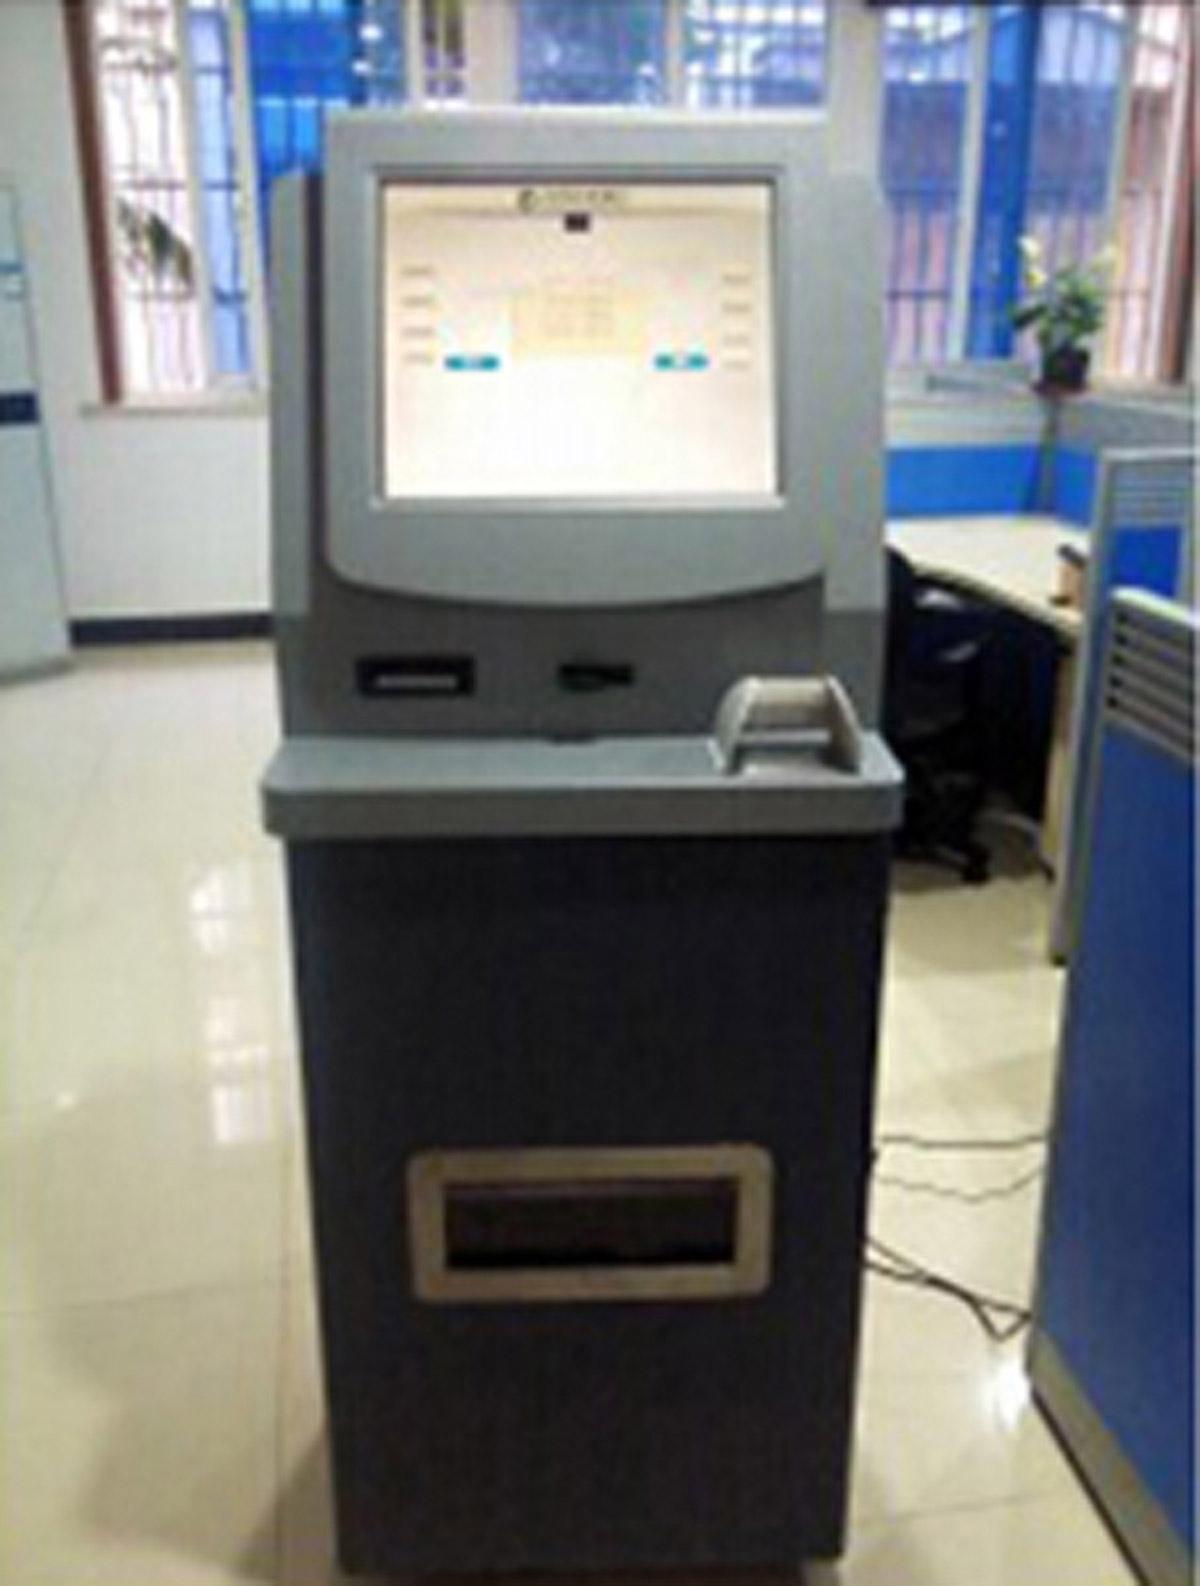 黑水安全体验模拟ATM提款操作